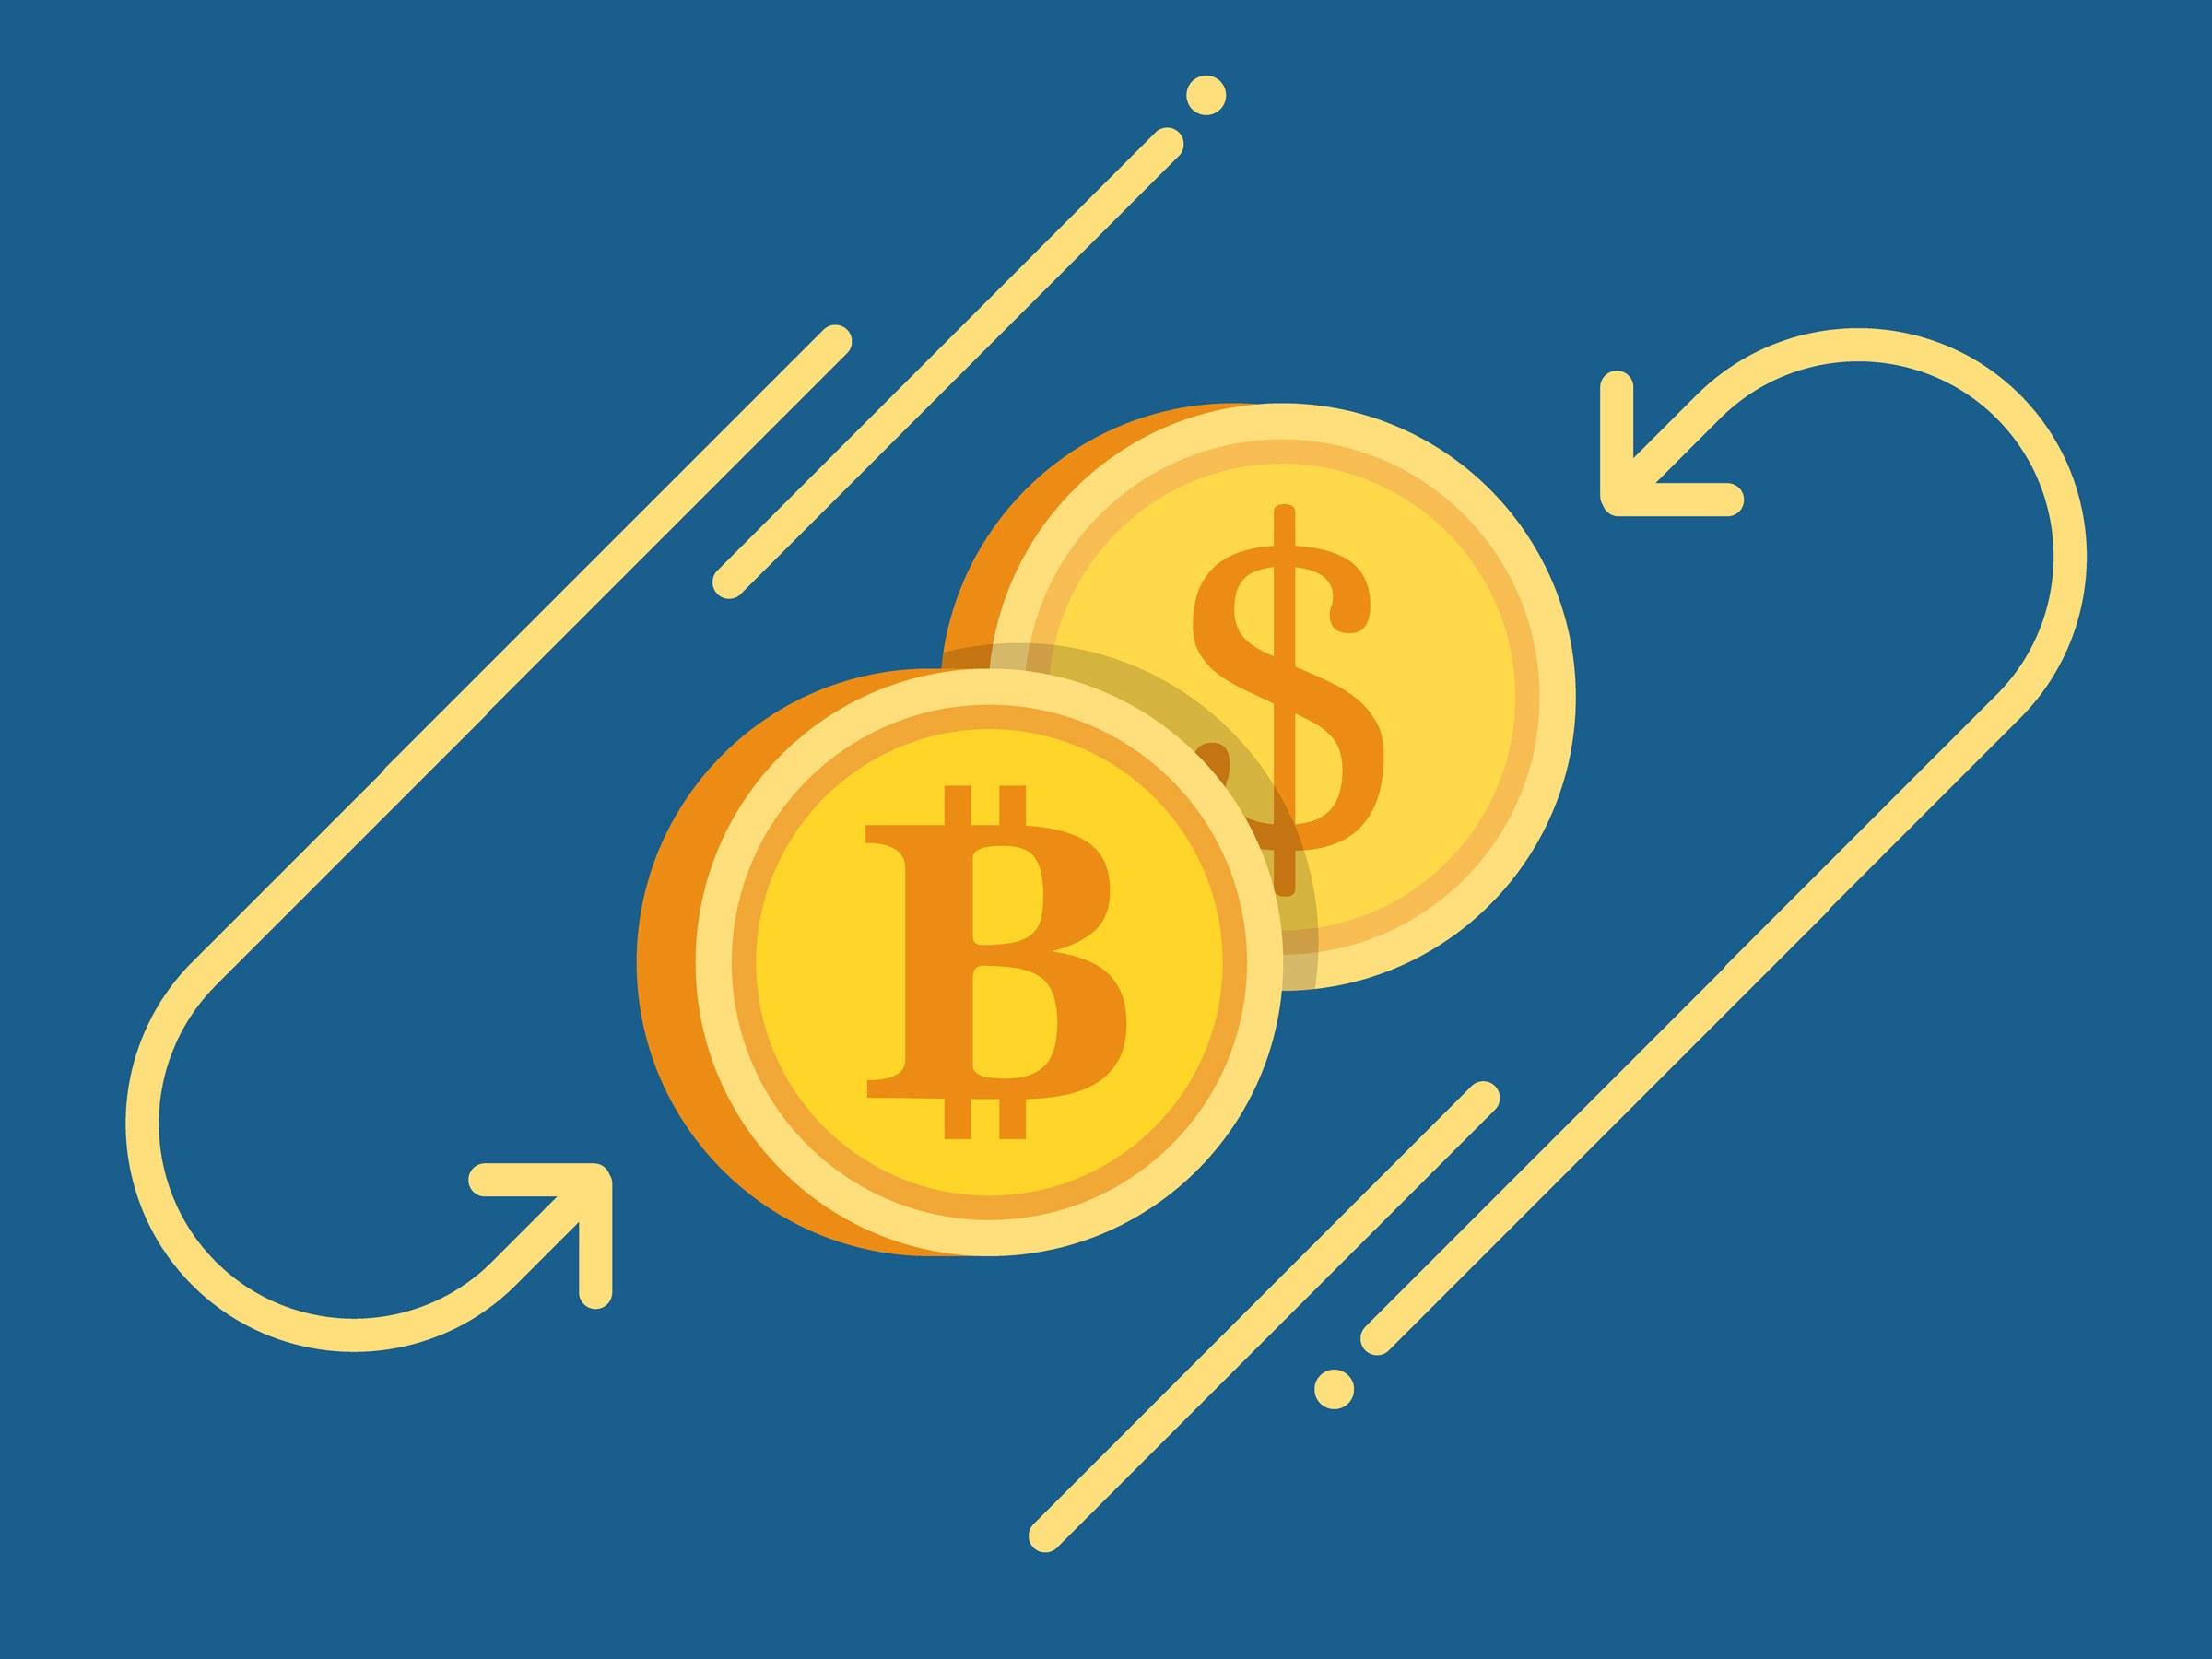 福布斯:比特币之外的数字资产——科技领域的三个区块链机会